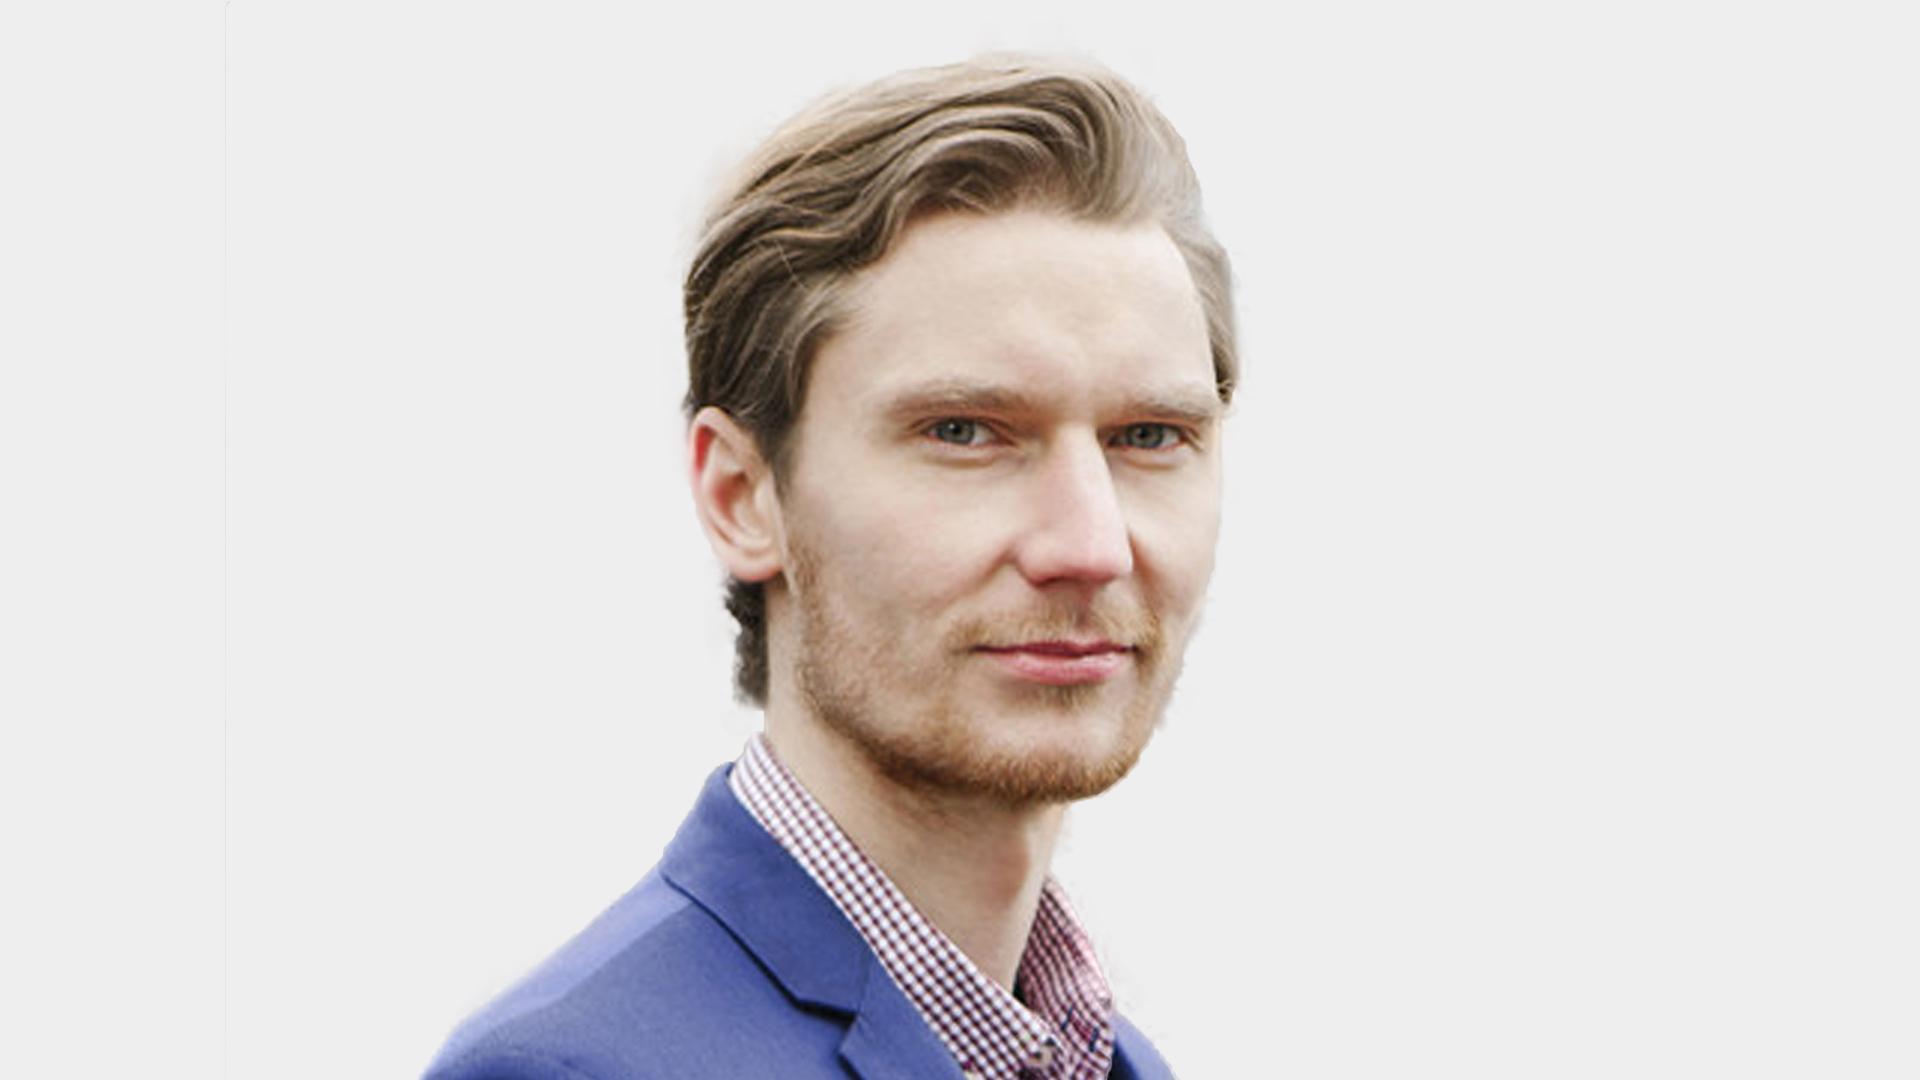 Siła pozytywnych emocji w życiu i w biznesie - Mateusz Banaszkiewicz